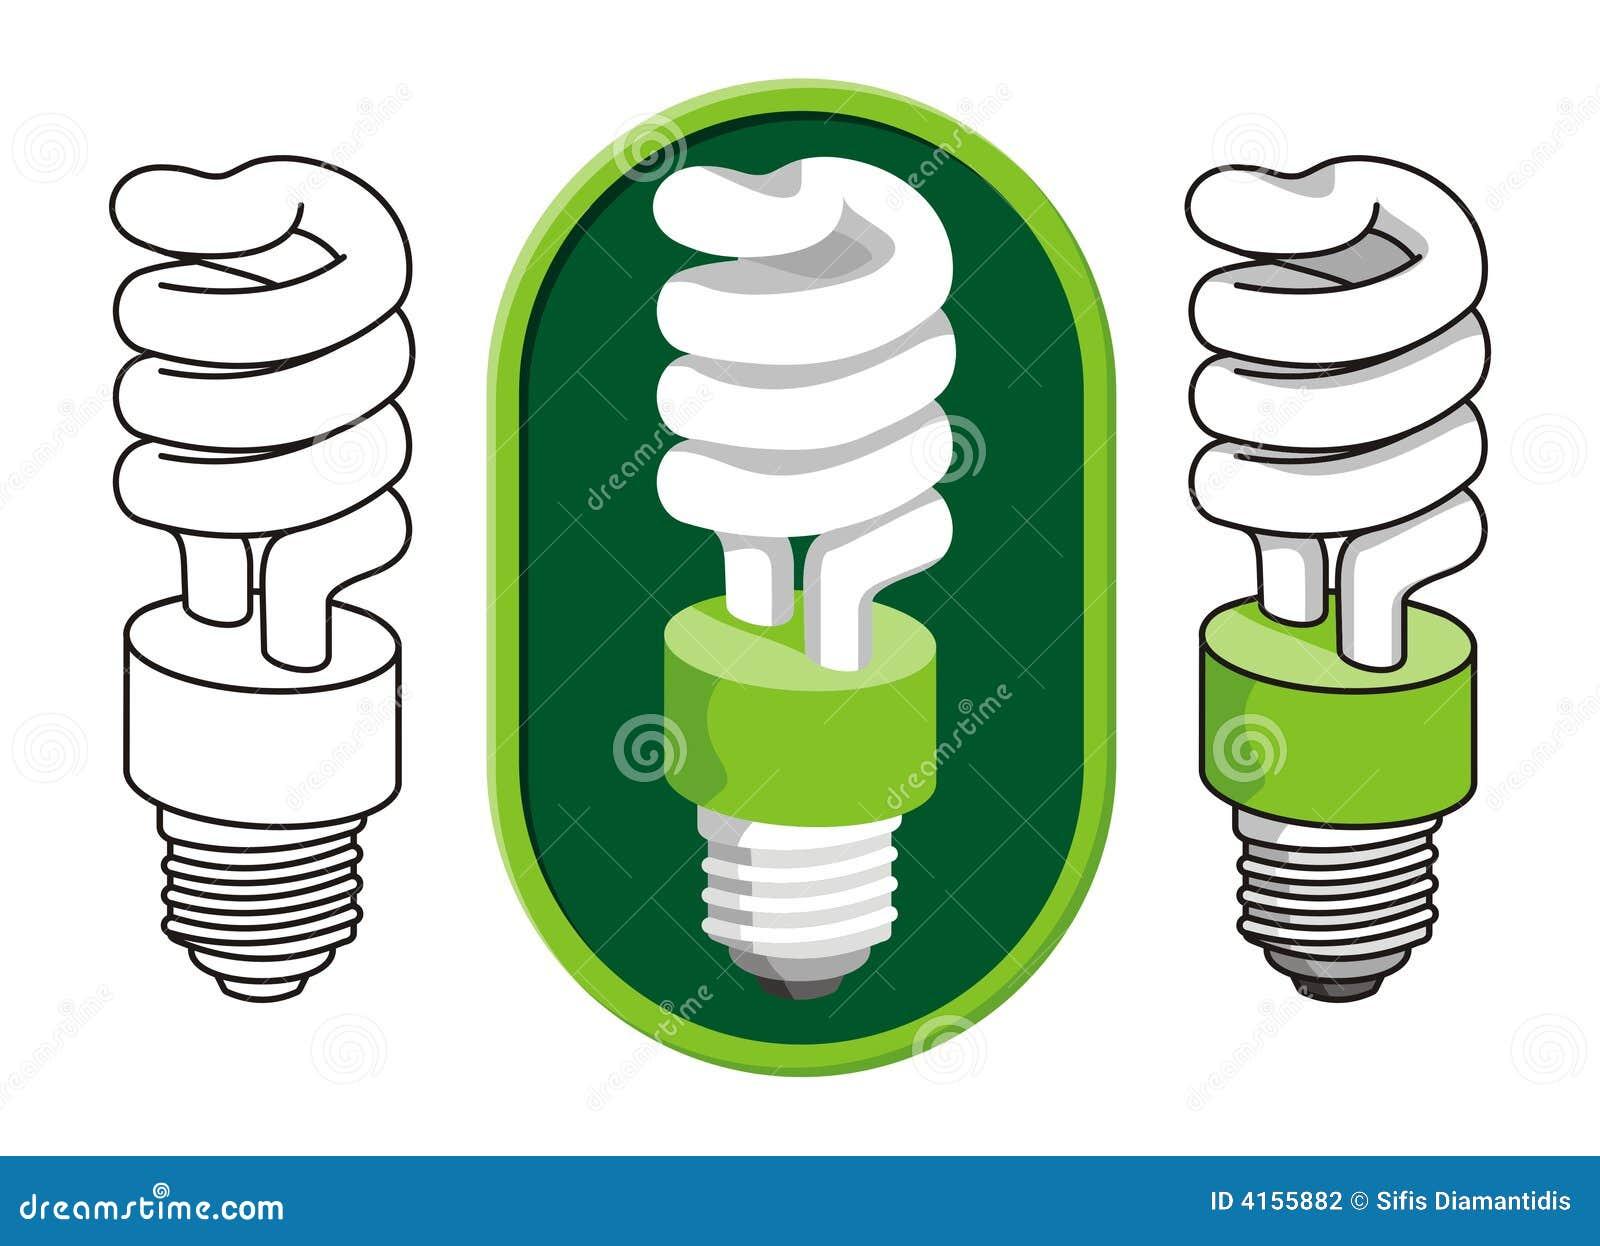 Bombilla fluorescente compacta espiral